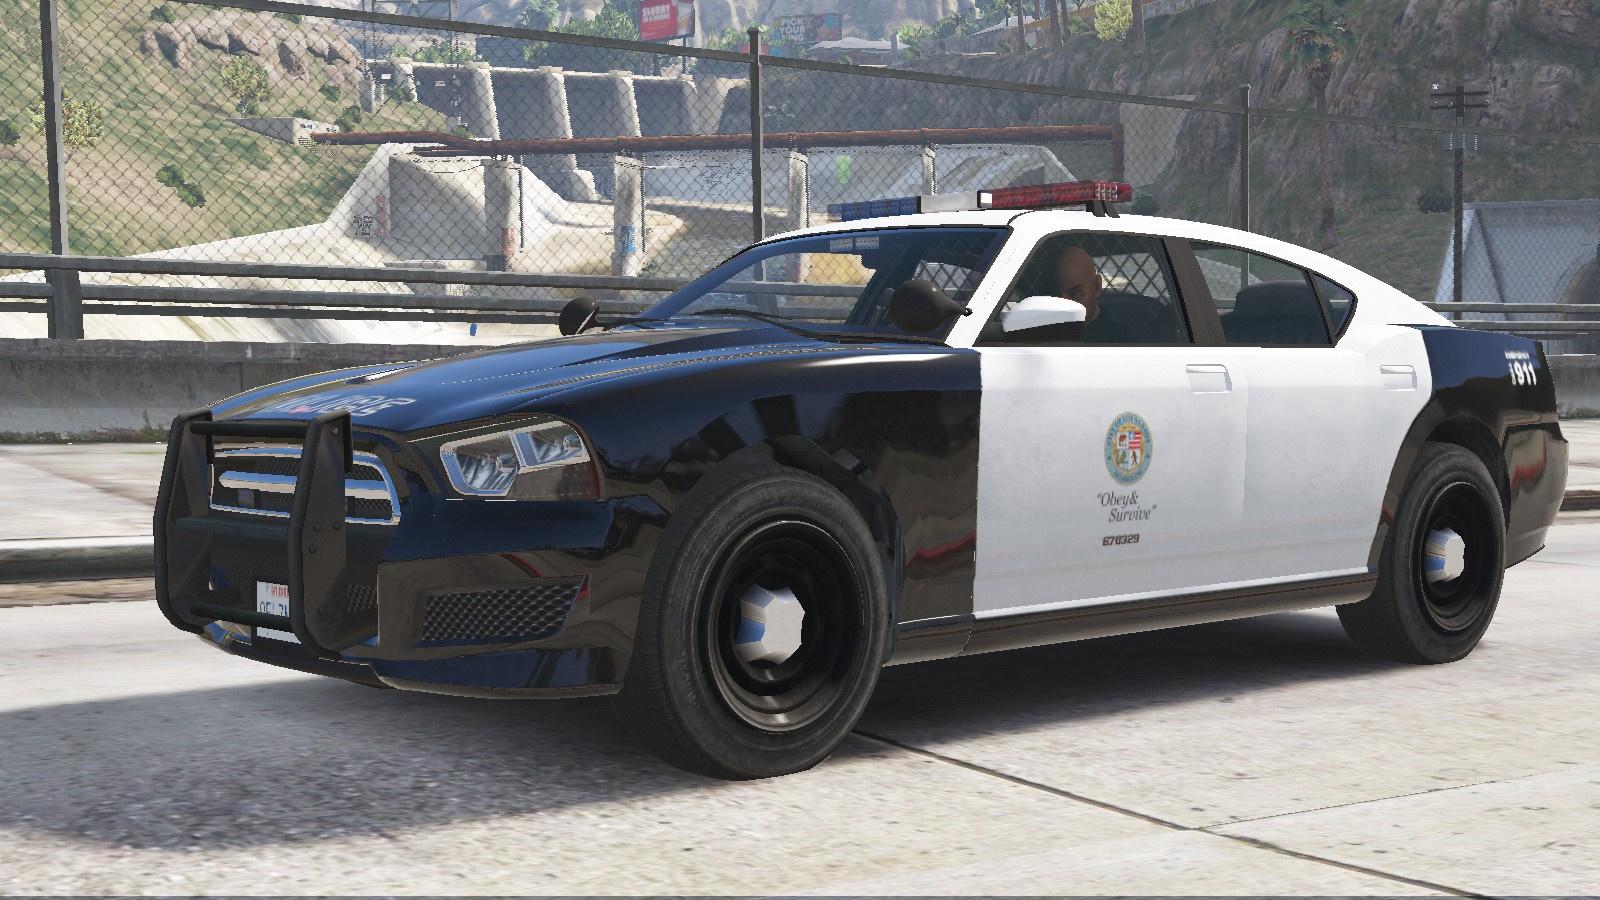 Bravado Buffalo S - Los Santos Police Department [Add-On